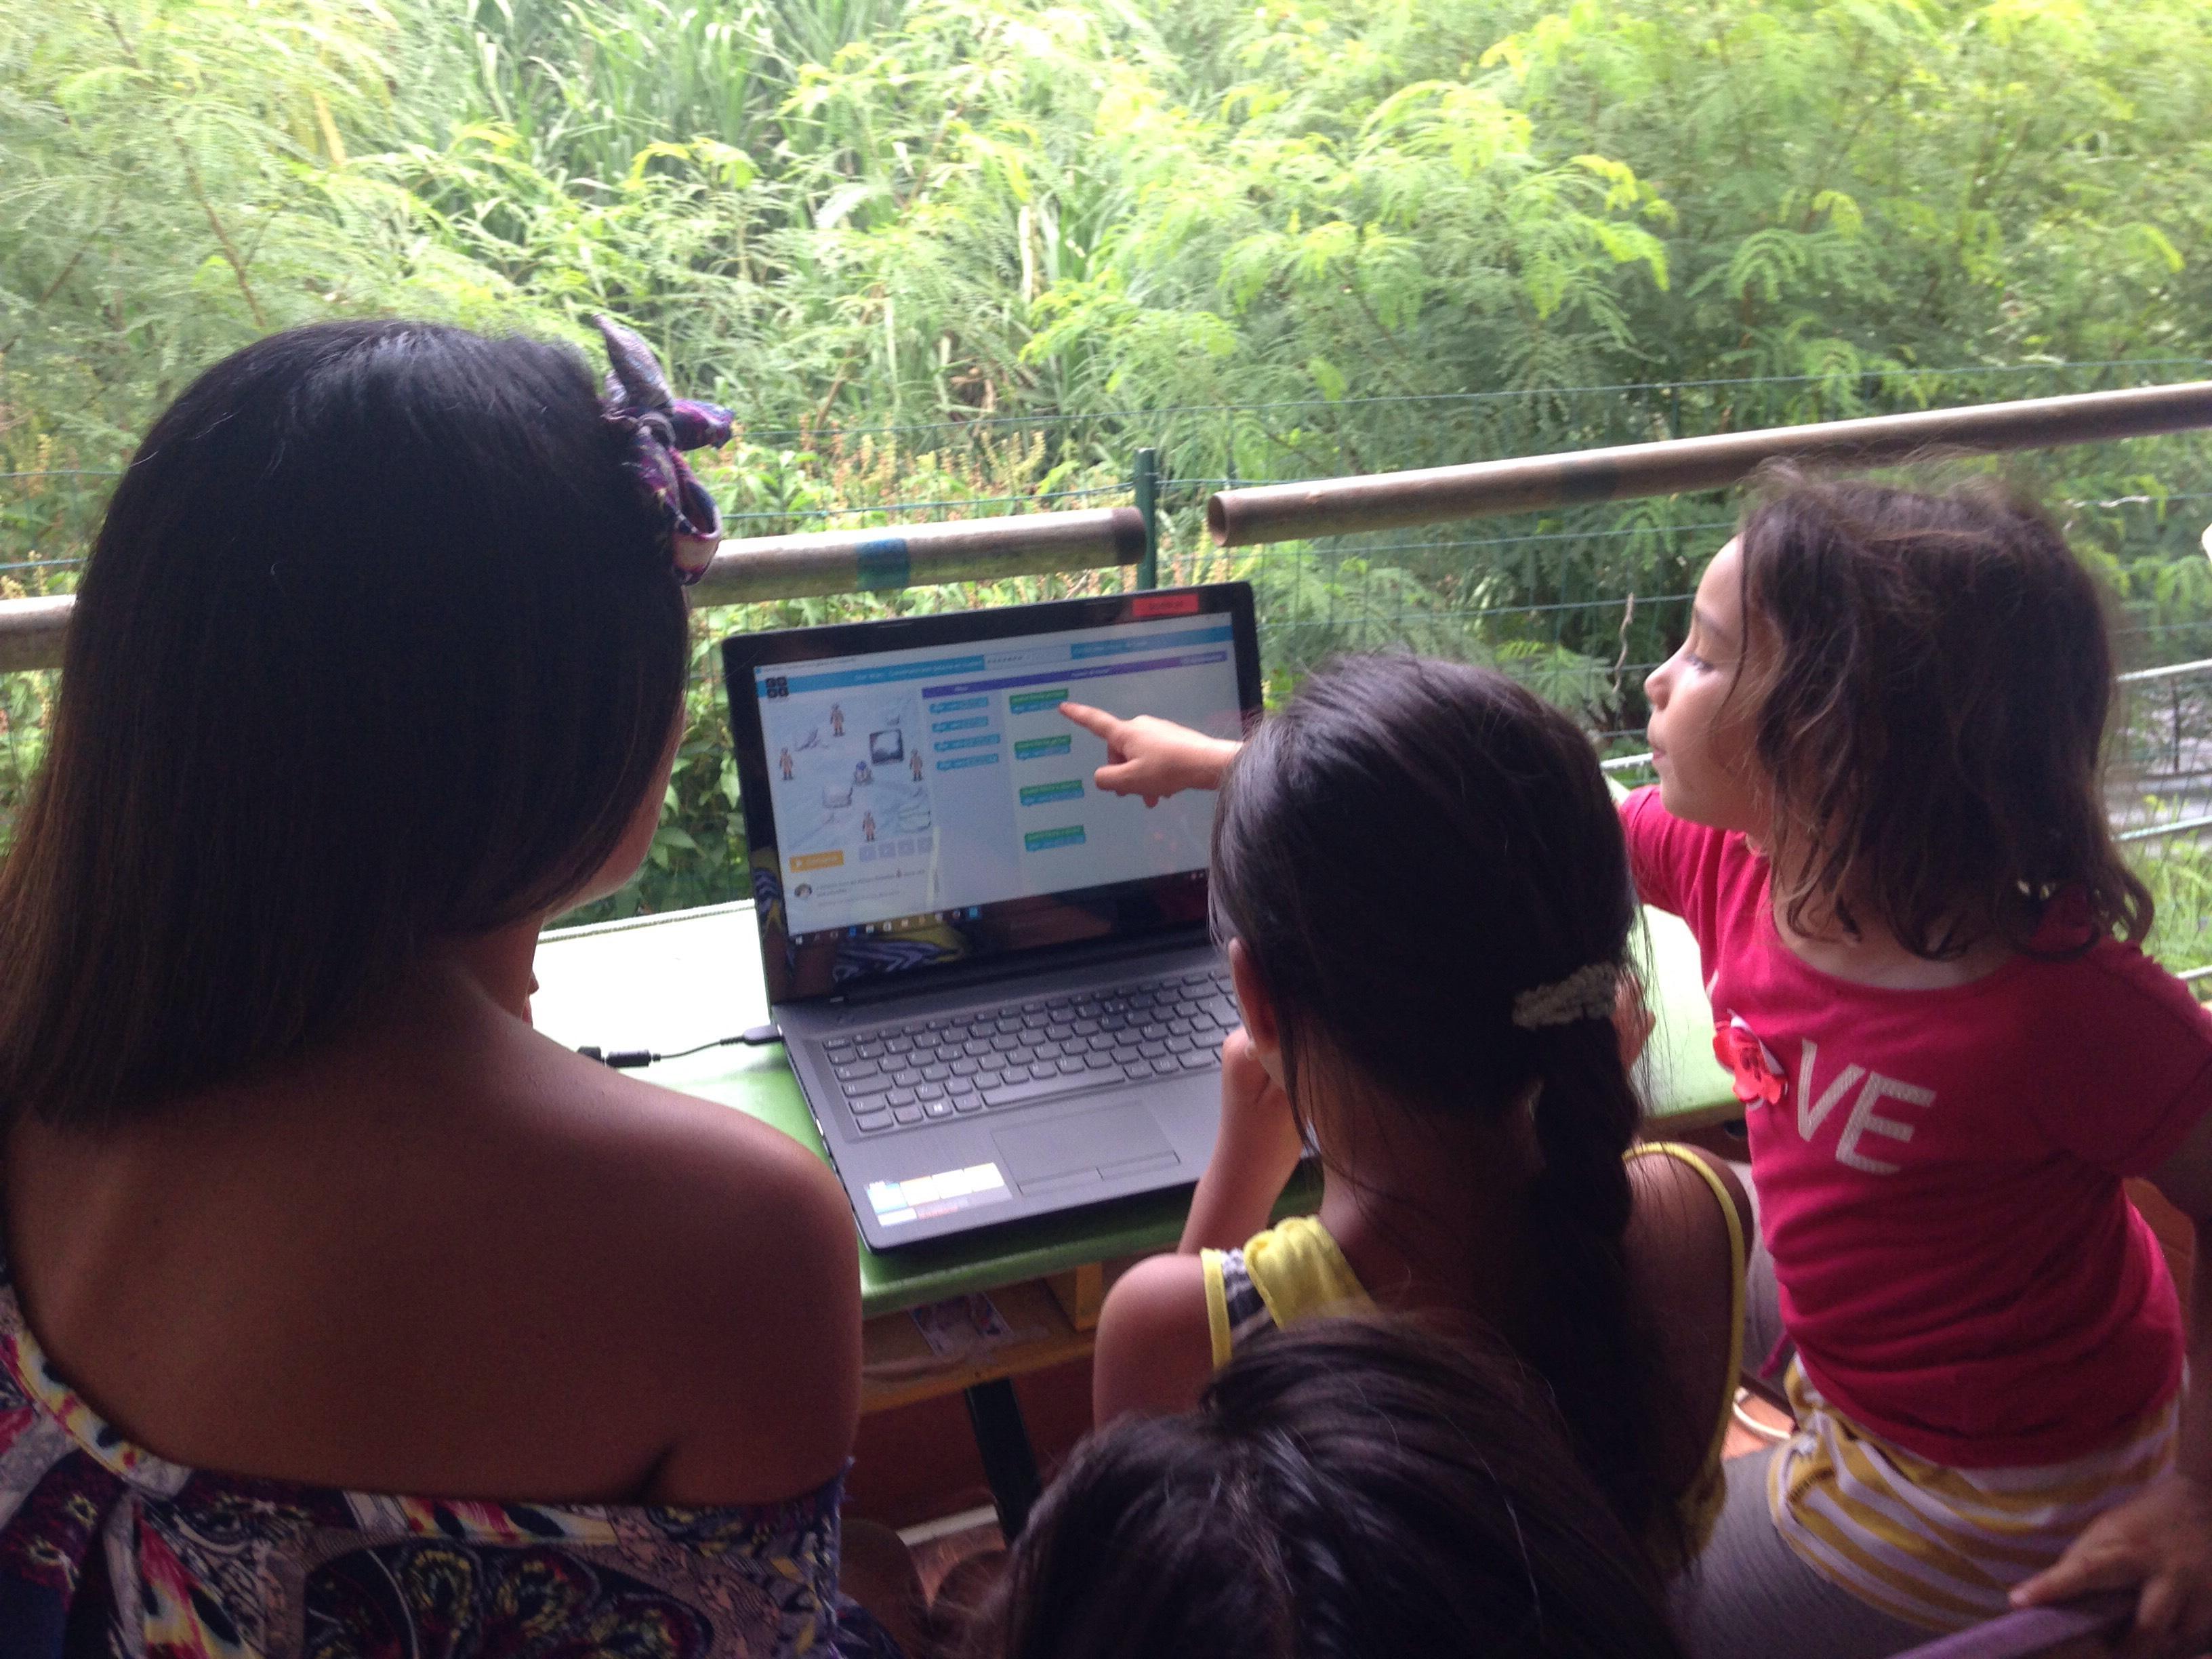 Les jeunes apprennent à coder en s'amusant